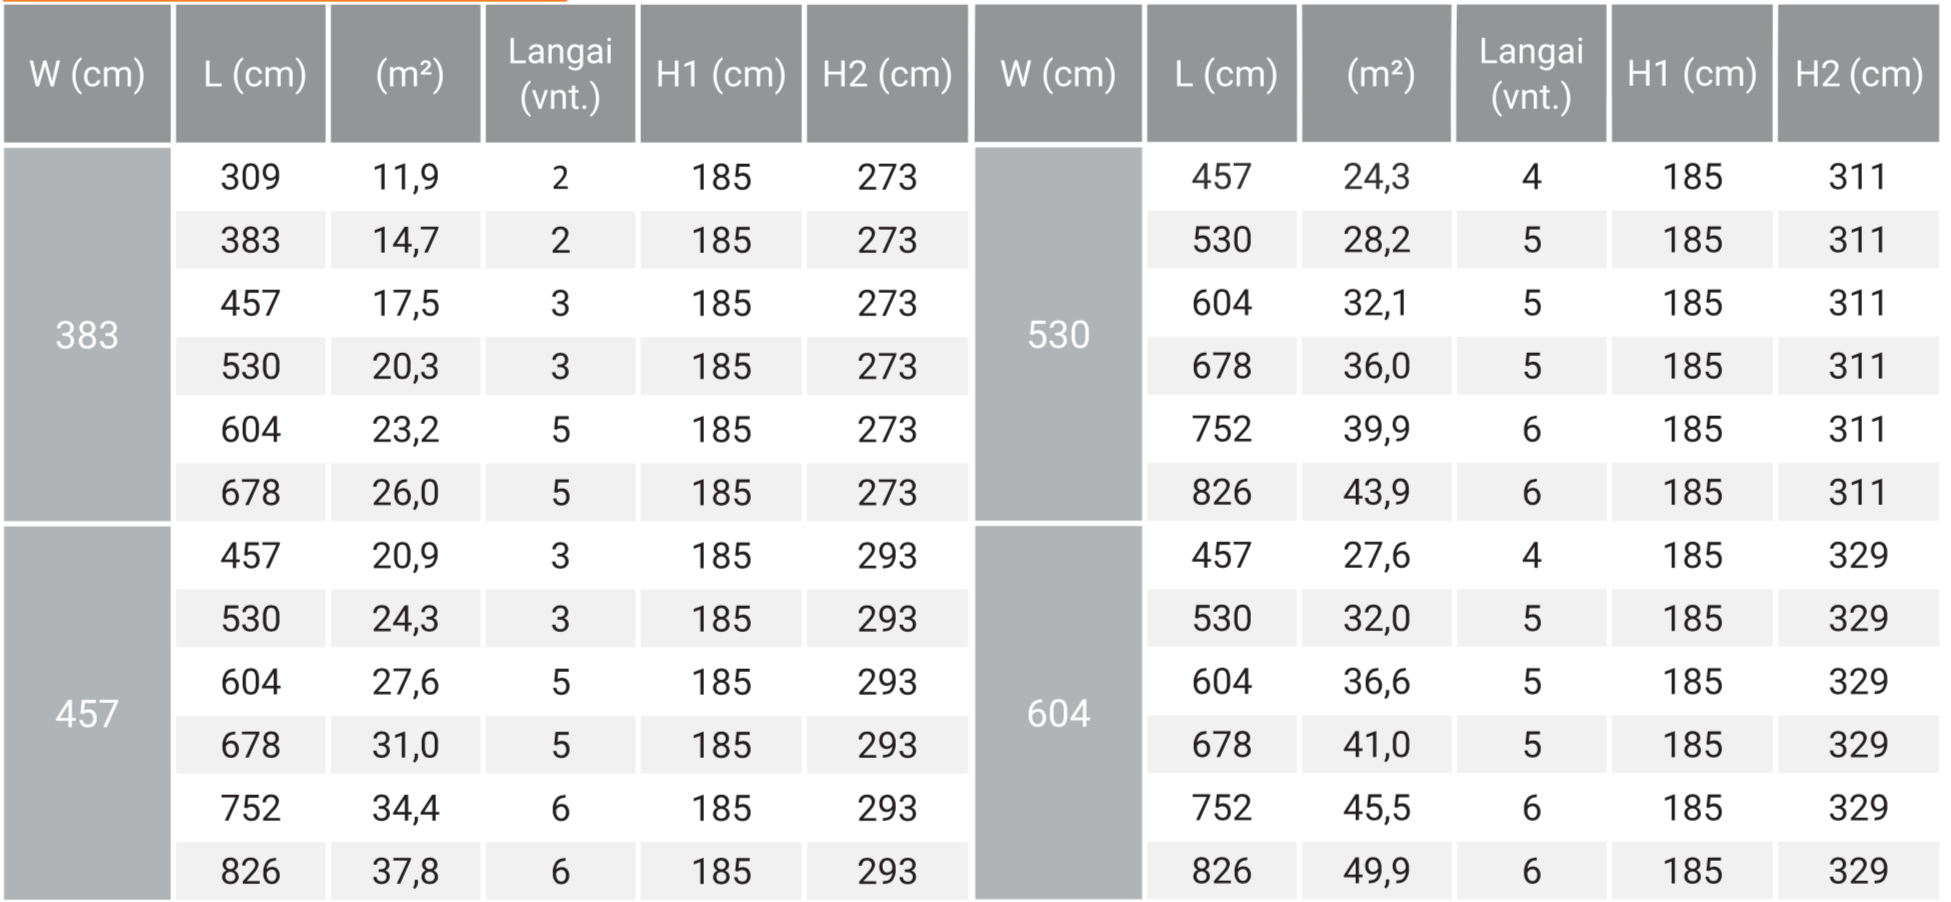 Nario dydis 185. Kaip padidinti peni naudojant vaizdo masaza